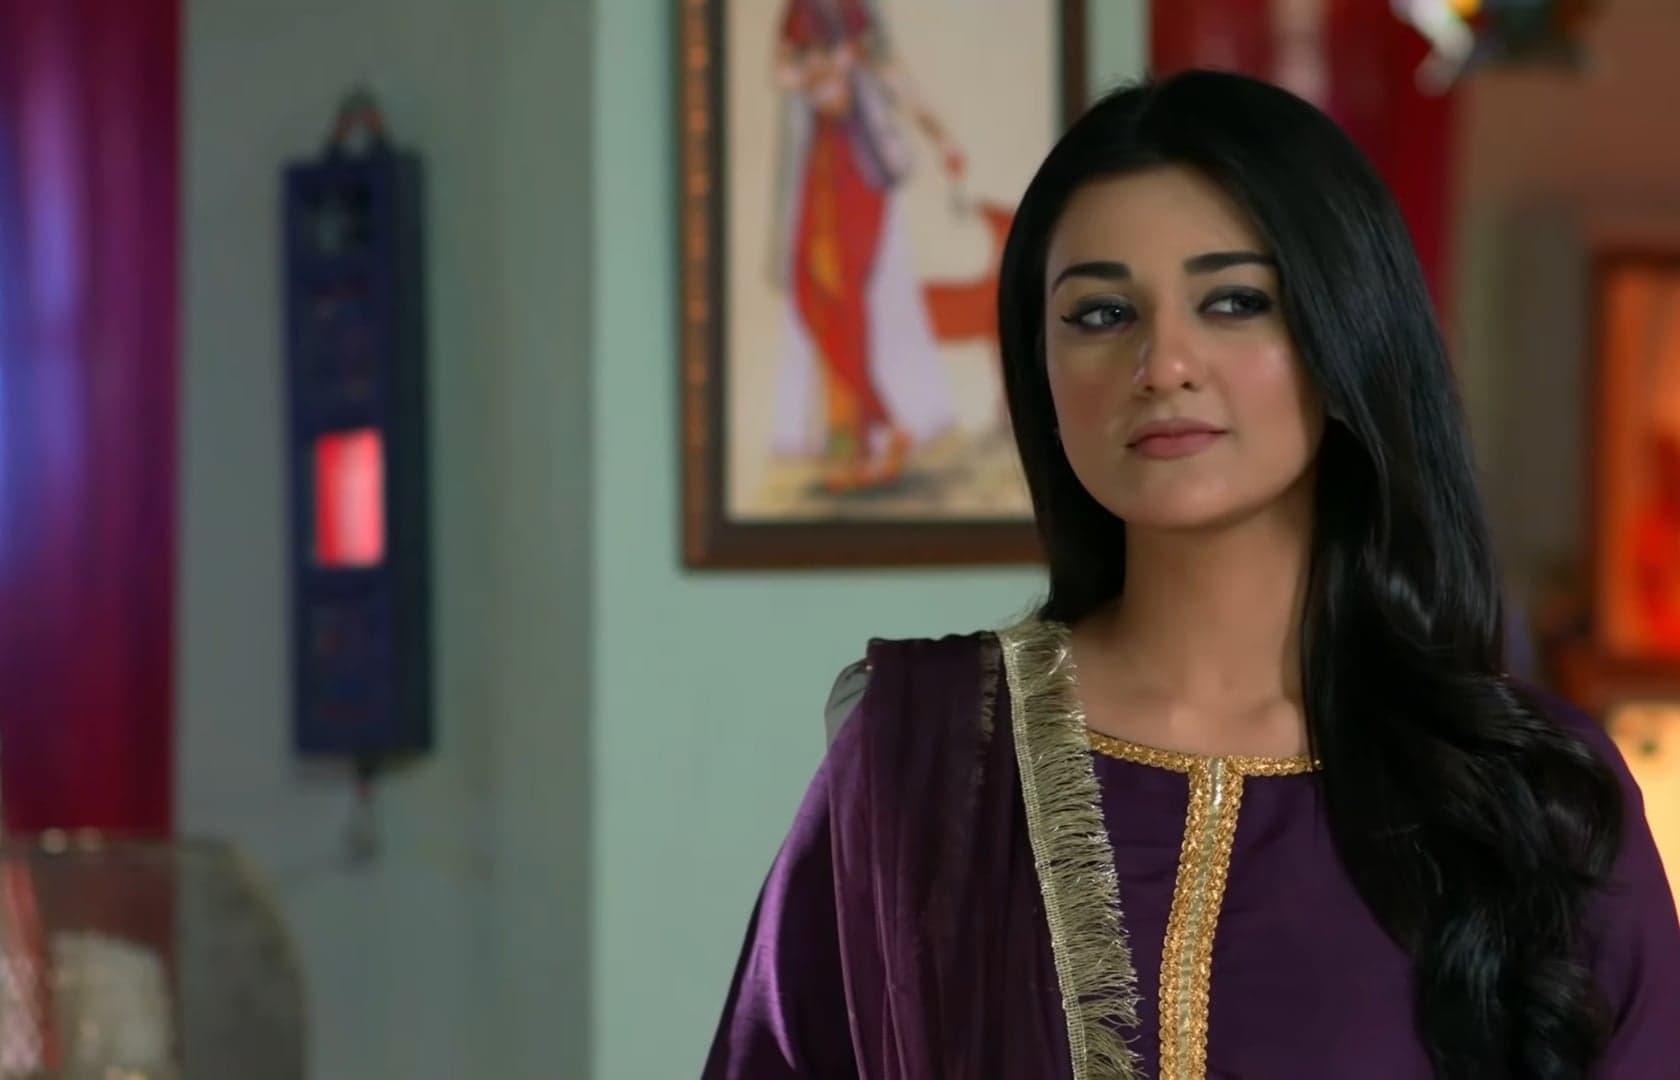 Sarah Khan 27